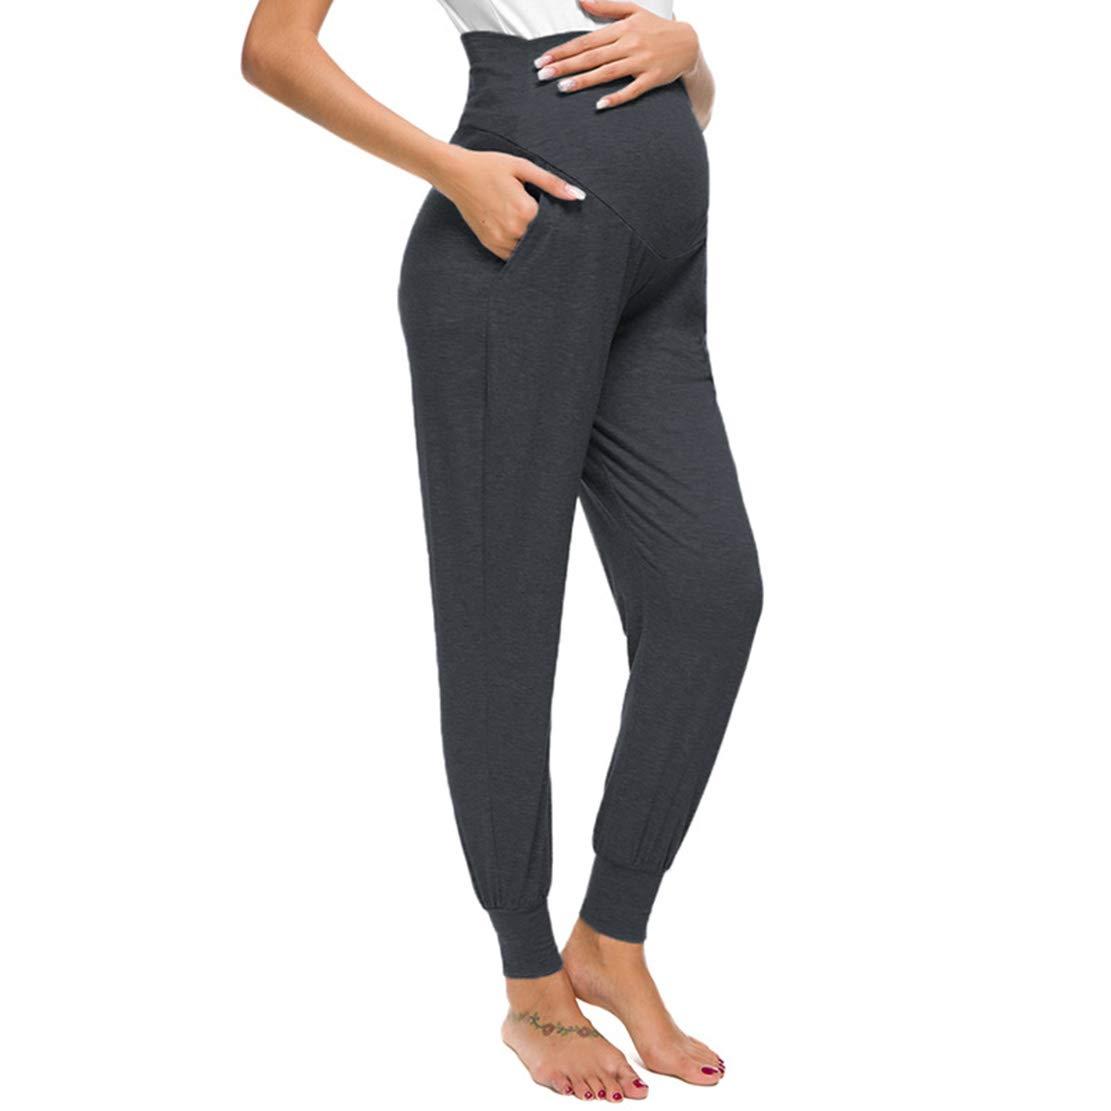 Pantalones Premama Verano Leggins Embarazada Mujer Casual Maternidad Leggings Ajustable Prenatal Embarazo Pantalon